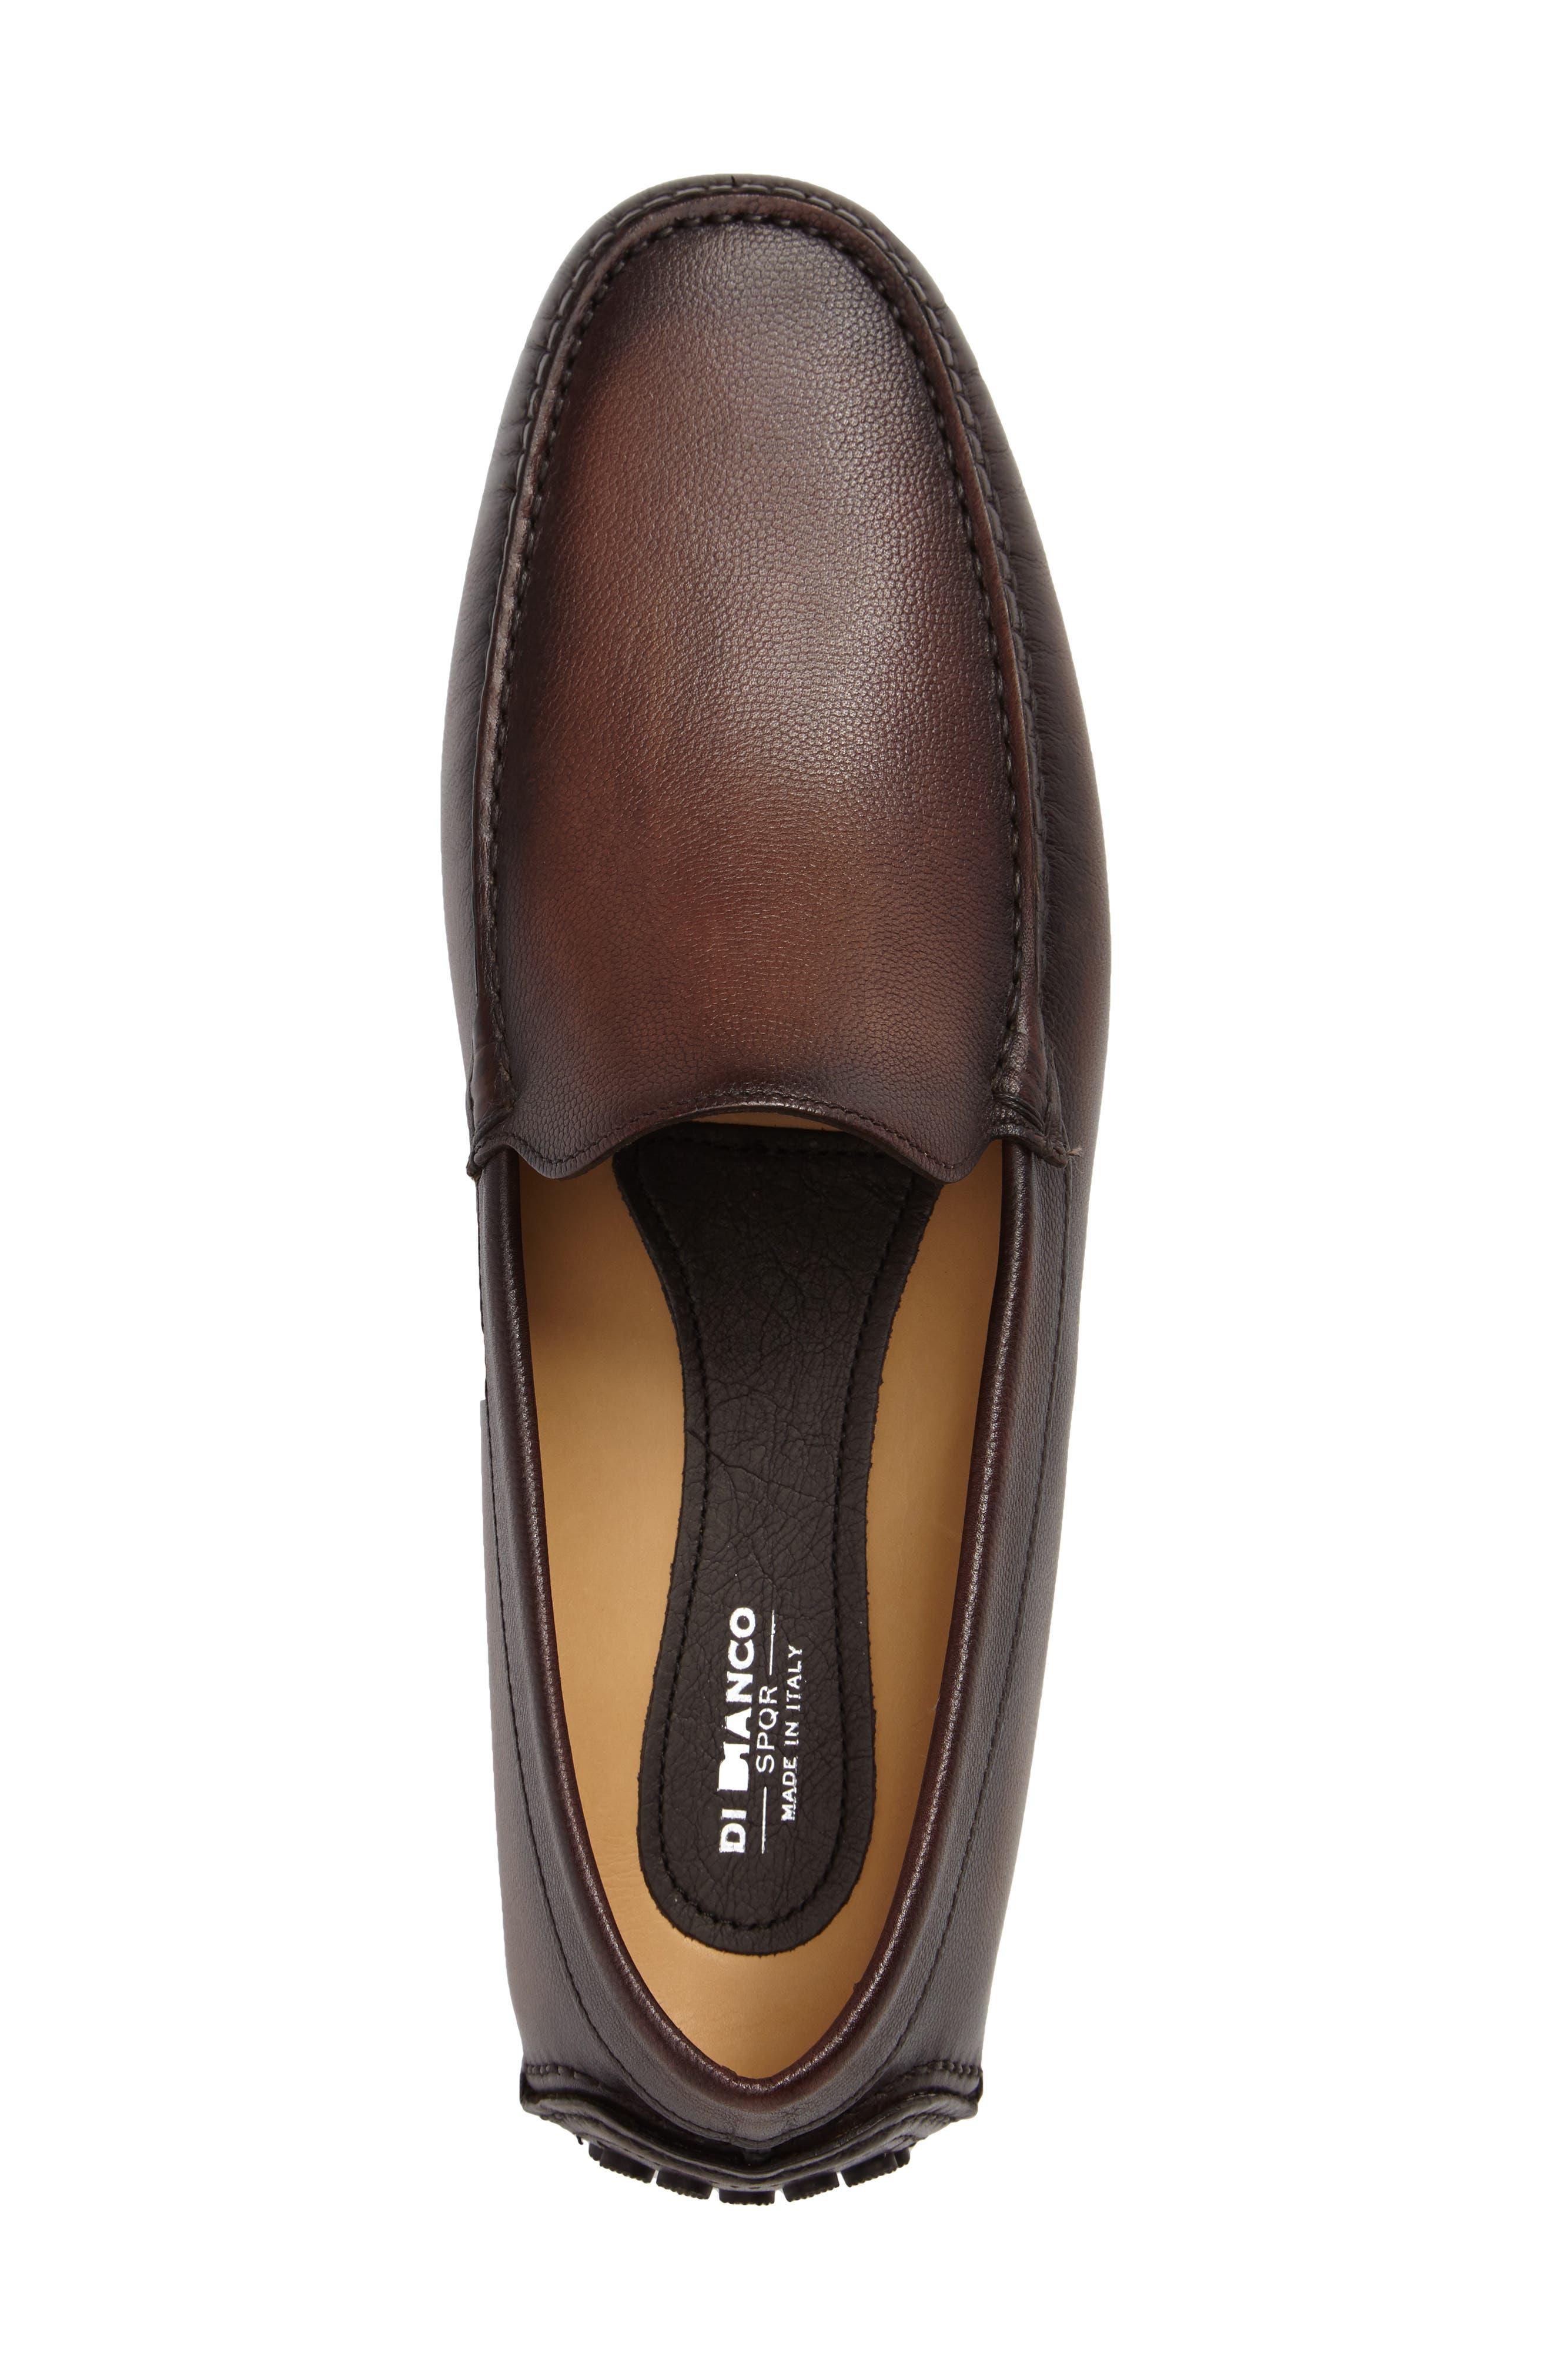 Alternate Image 3  - Di Gallo Bianco Driving Shoe (Men)